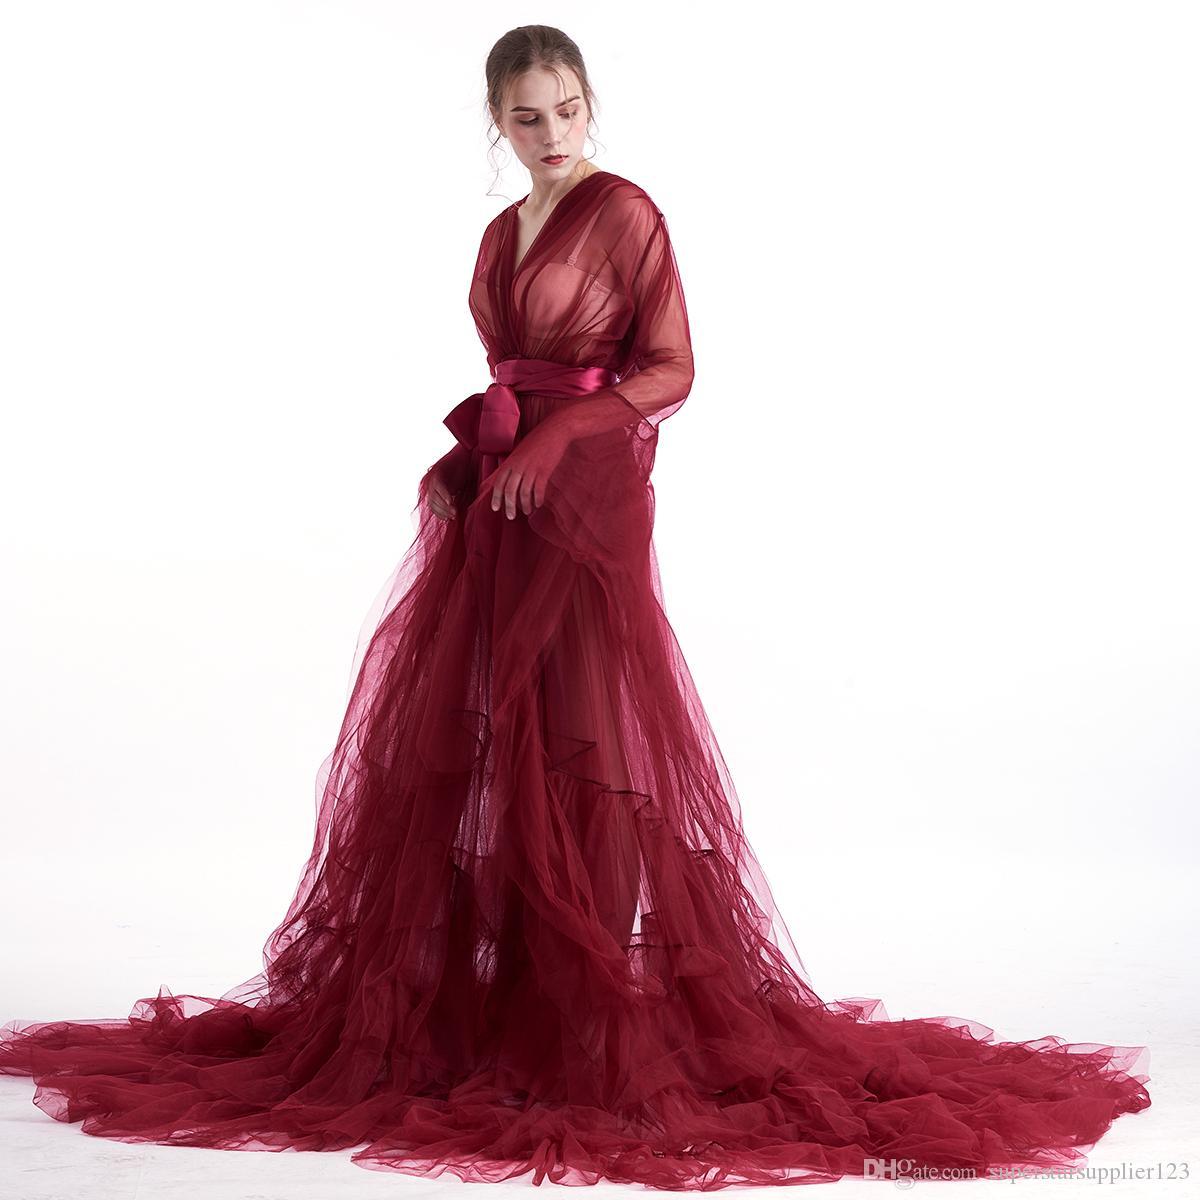 여성 중세 웨딩 가운 나이트 가운 착실히 보내다 엘프 의상에 대한 요정 빈티지 신부 얇은 명주 그물 이브닝 가운 드레스 할로윈 의상